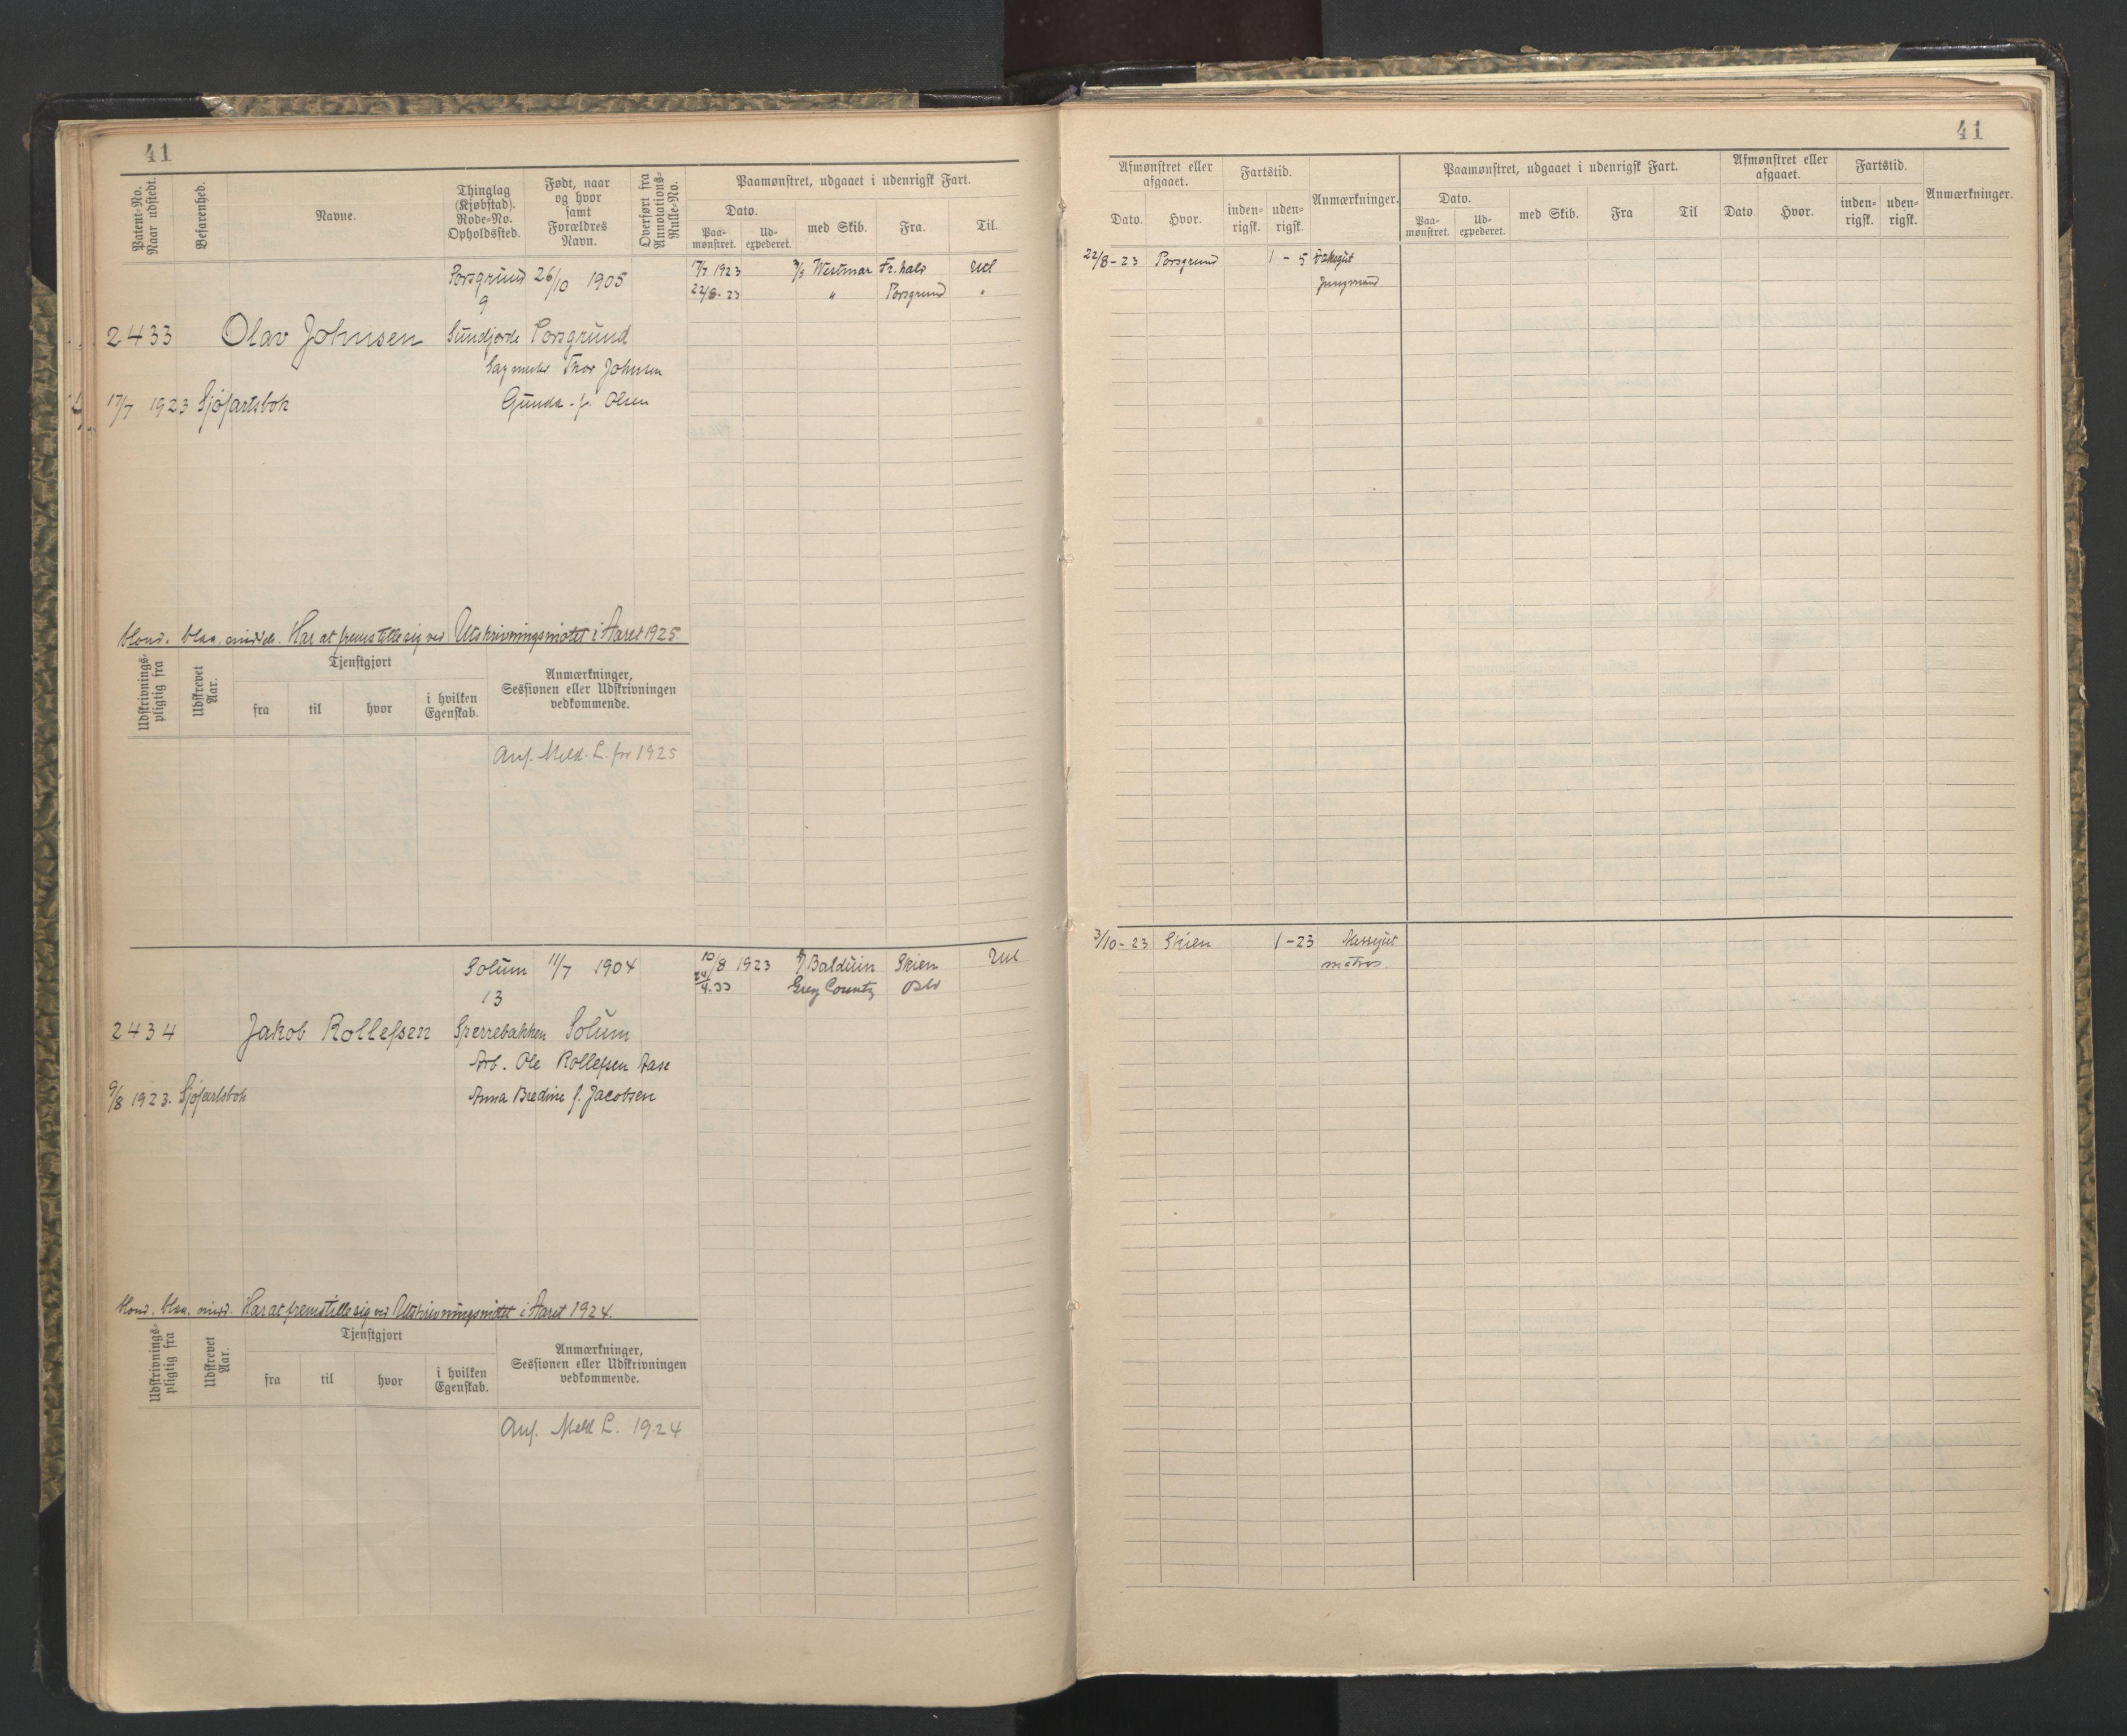 SAKO, Porsgrunn innrulleringskontor, F/Fc/L0009: Hovedrulle, 1920-1948, s. 41